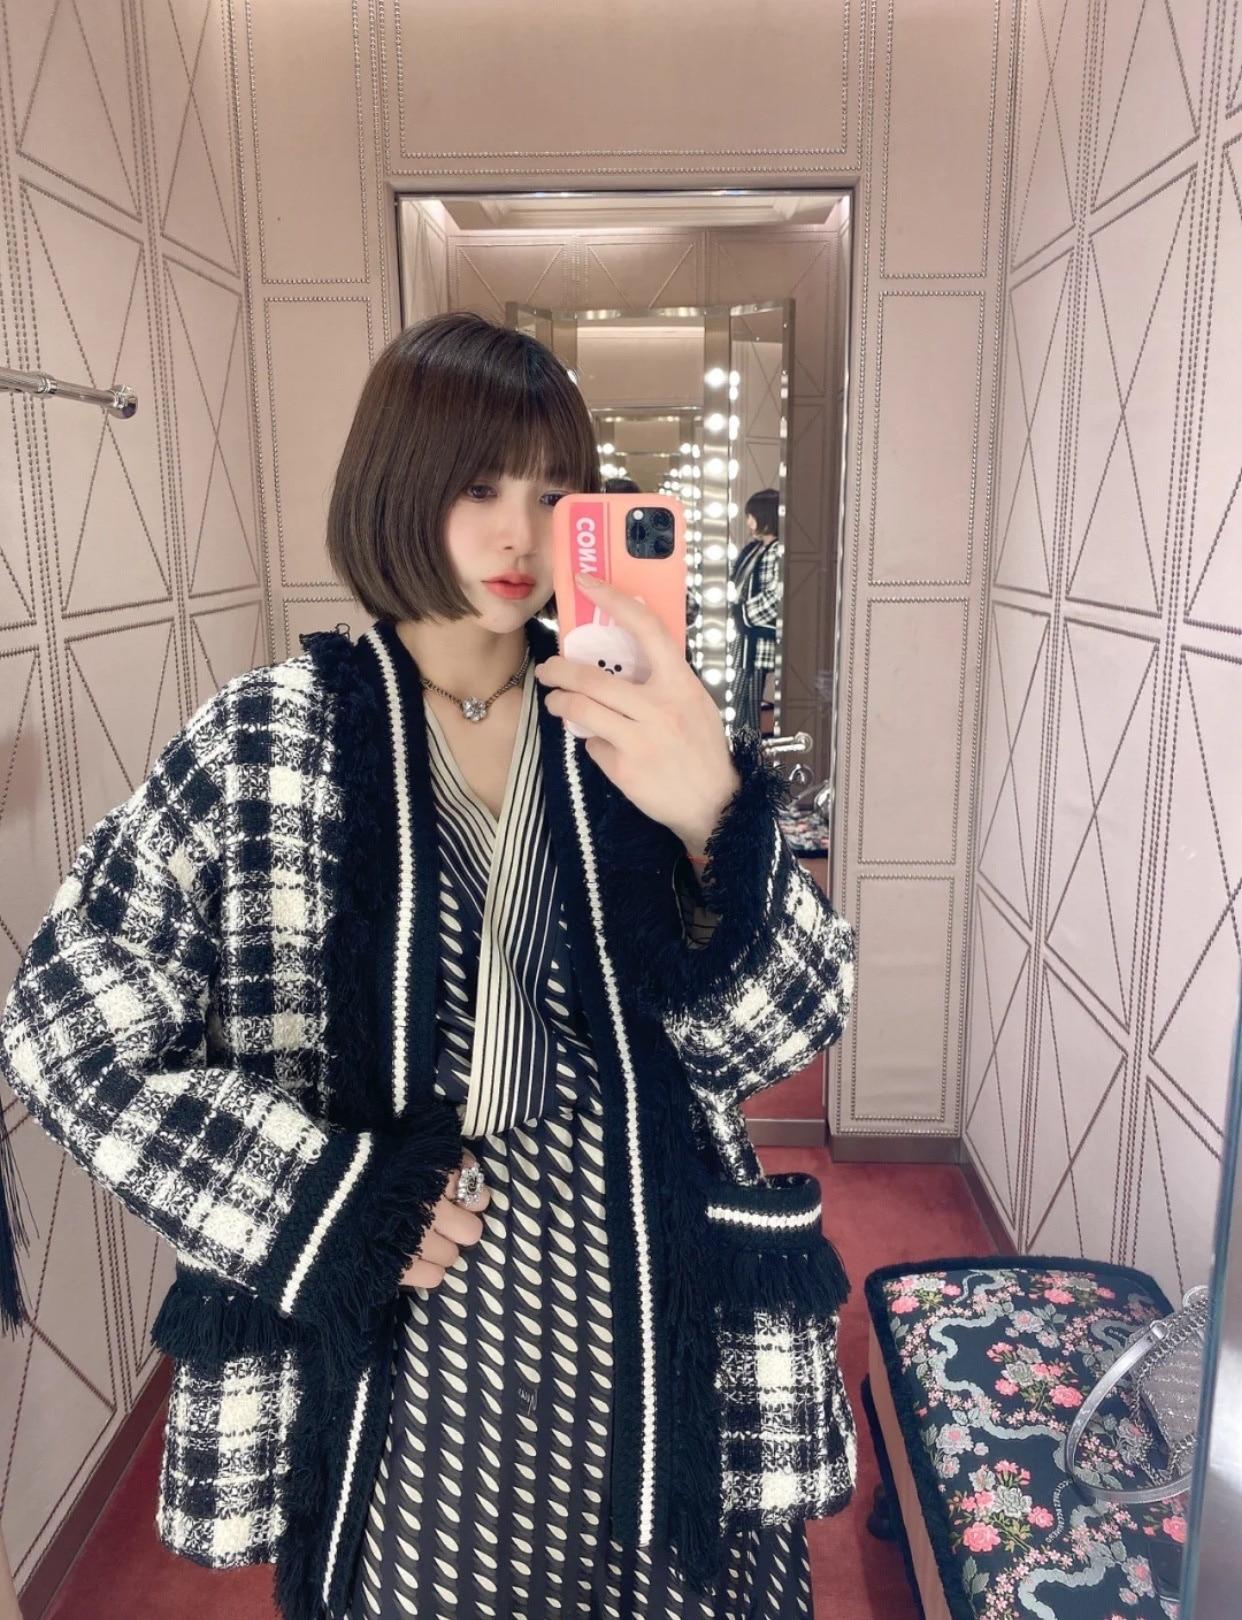 Женское твидовое пальто в клетку, Свободное пальто в Корейском стиле без пояса, весна-лето 2021 #